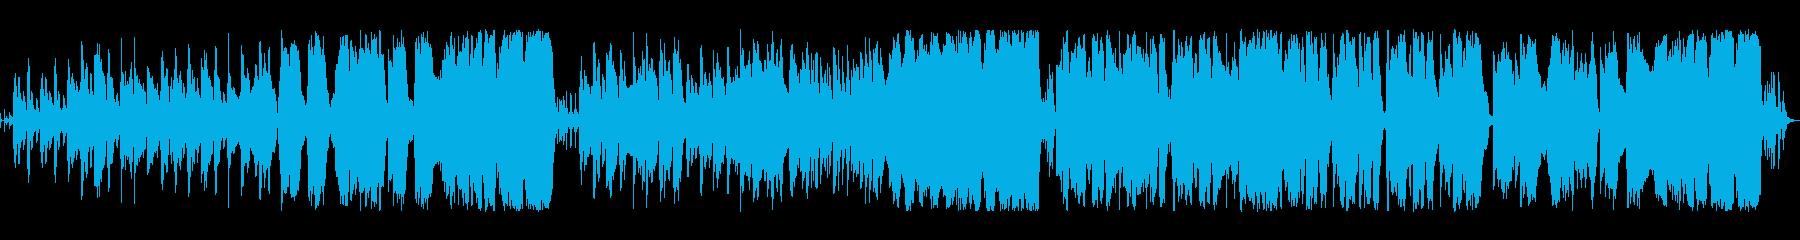 コミカルなワルツのオーケストラループの再生済みの波形